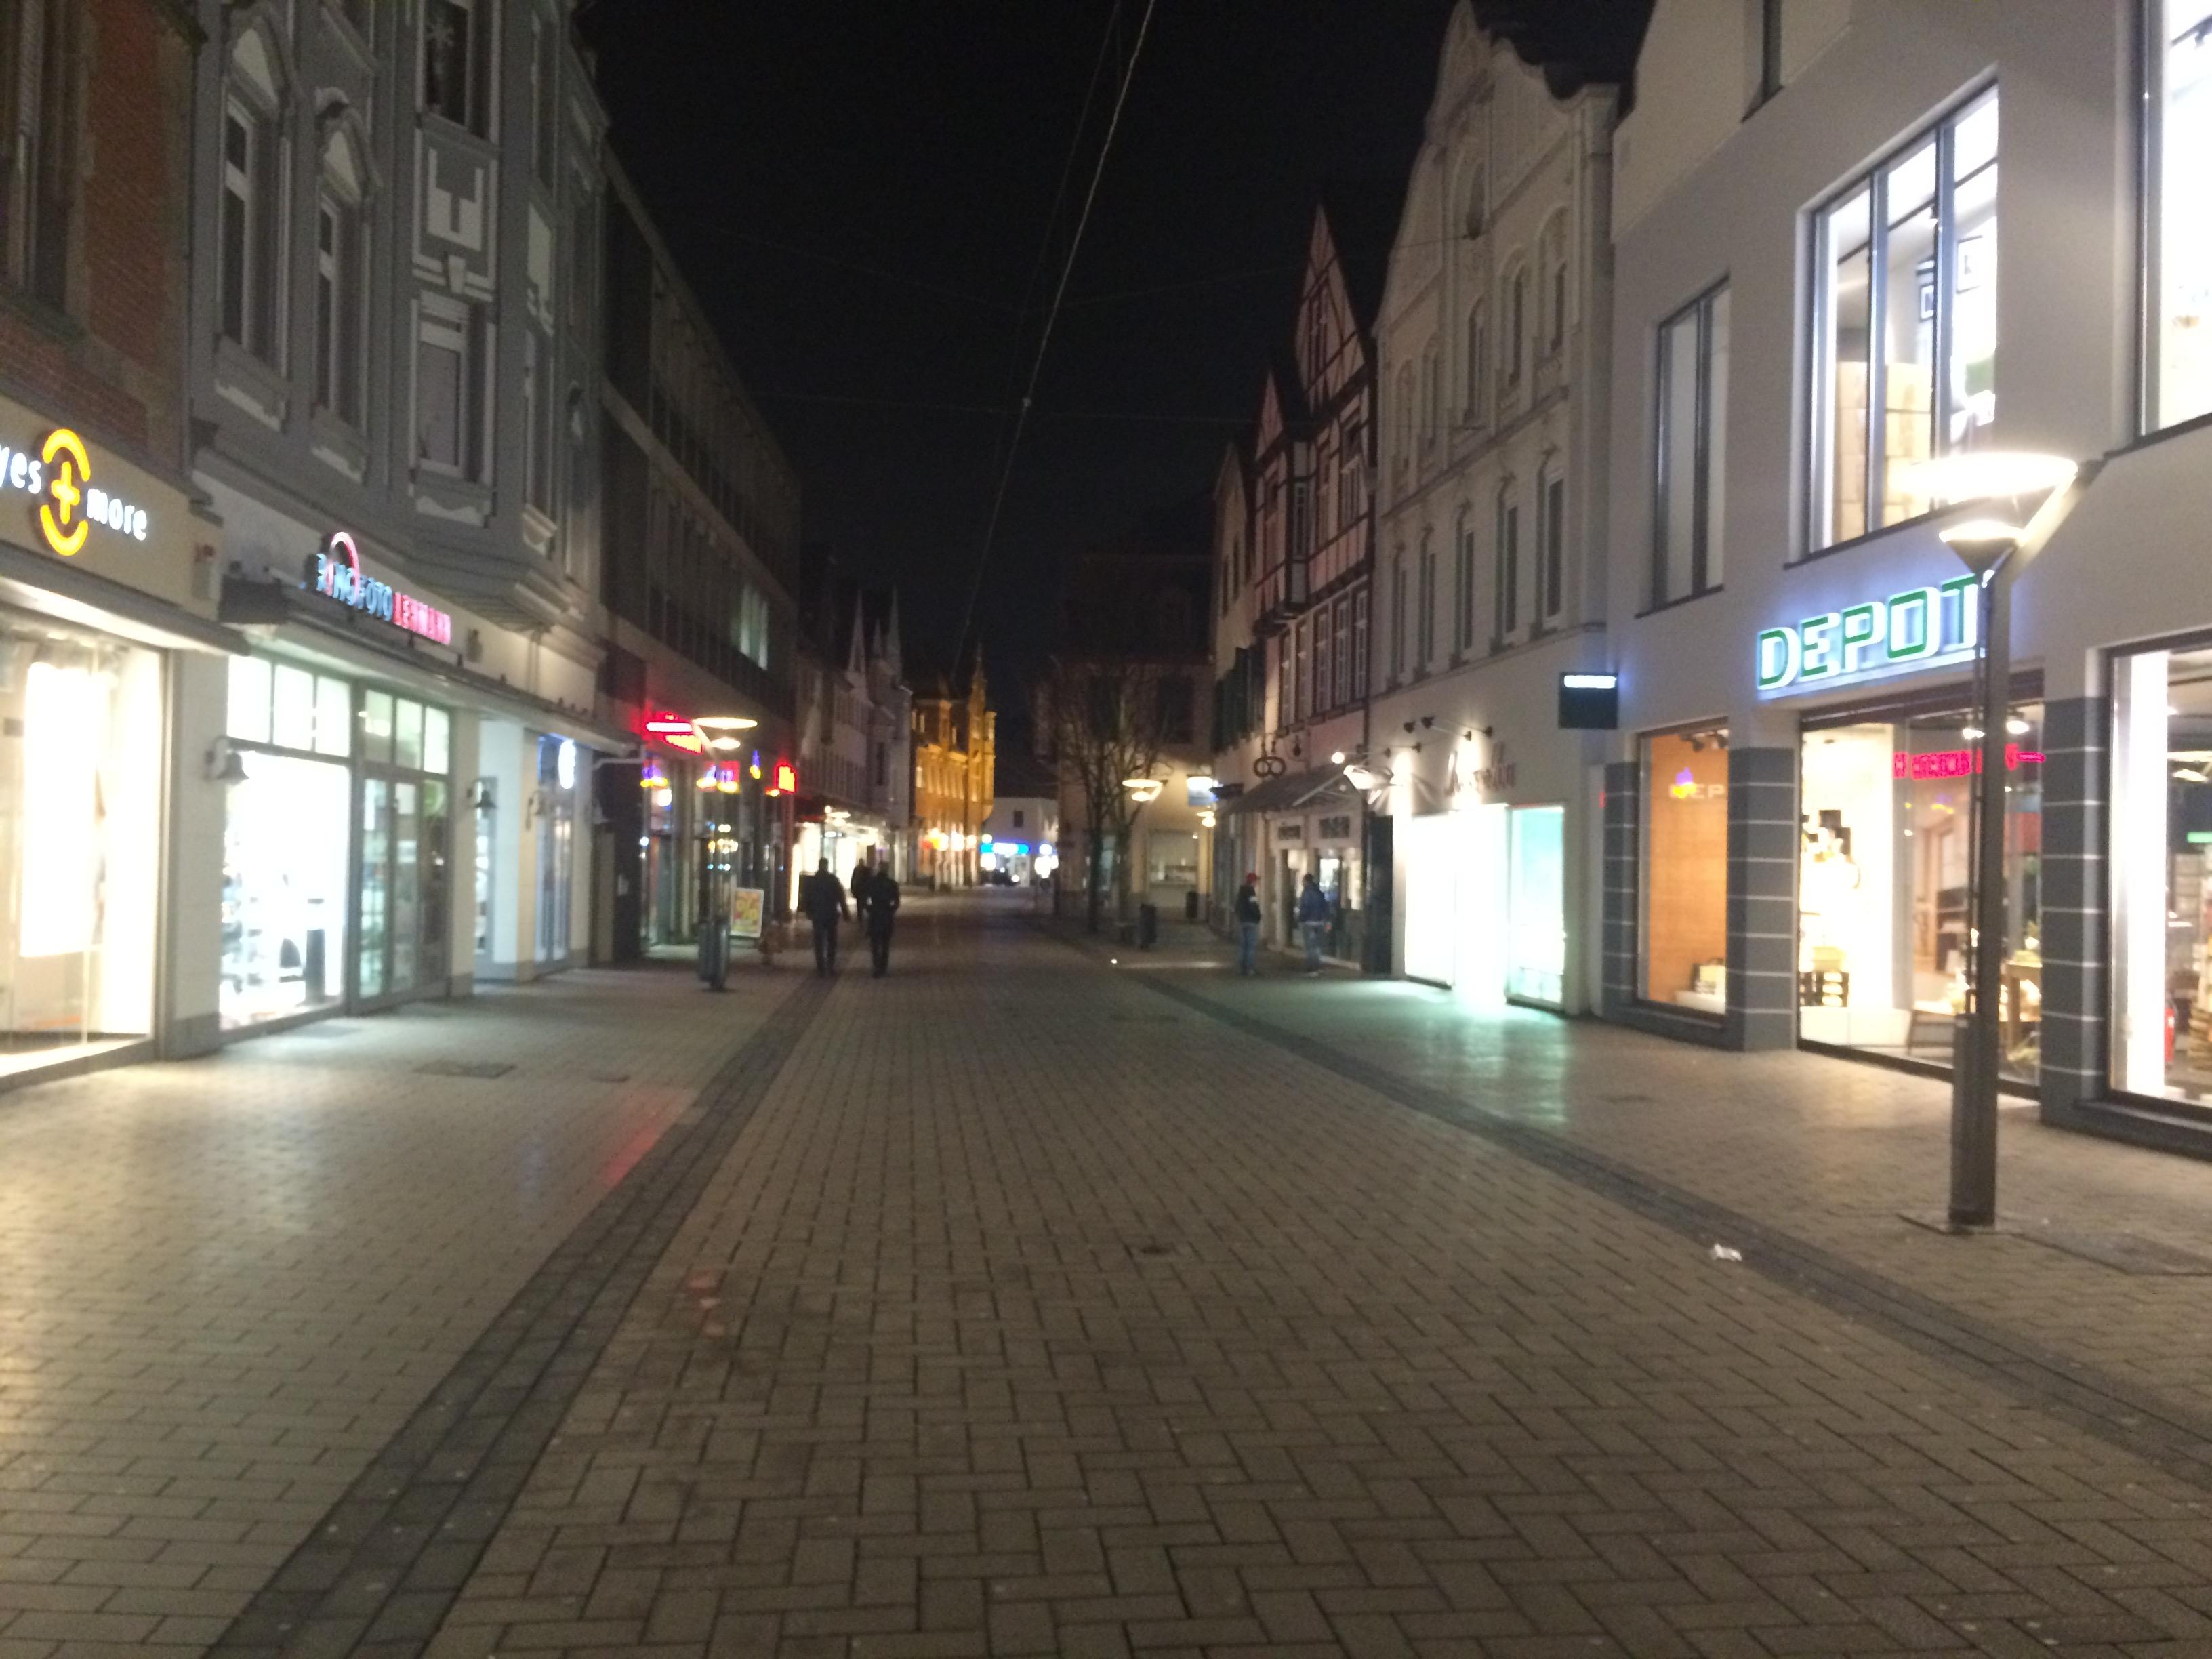 Lippstadt im Winter- weihnachtliches Musical im Theater